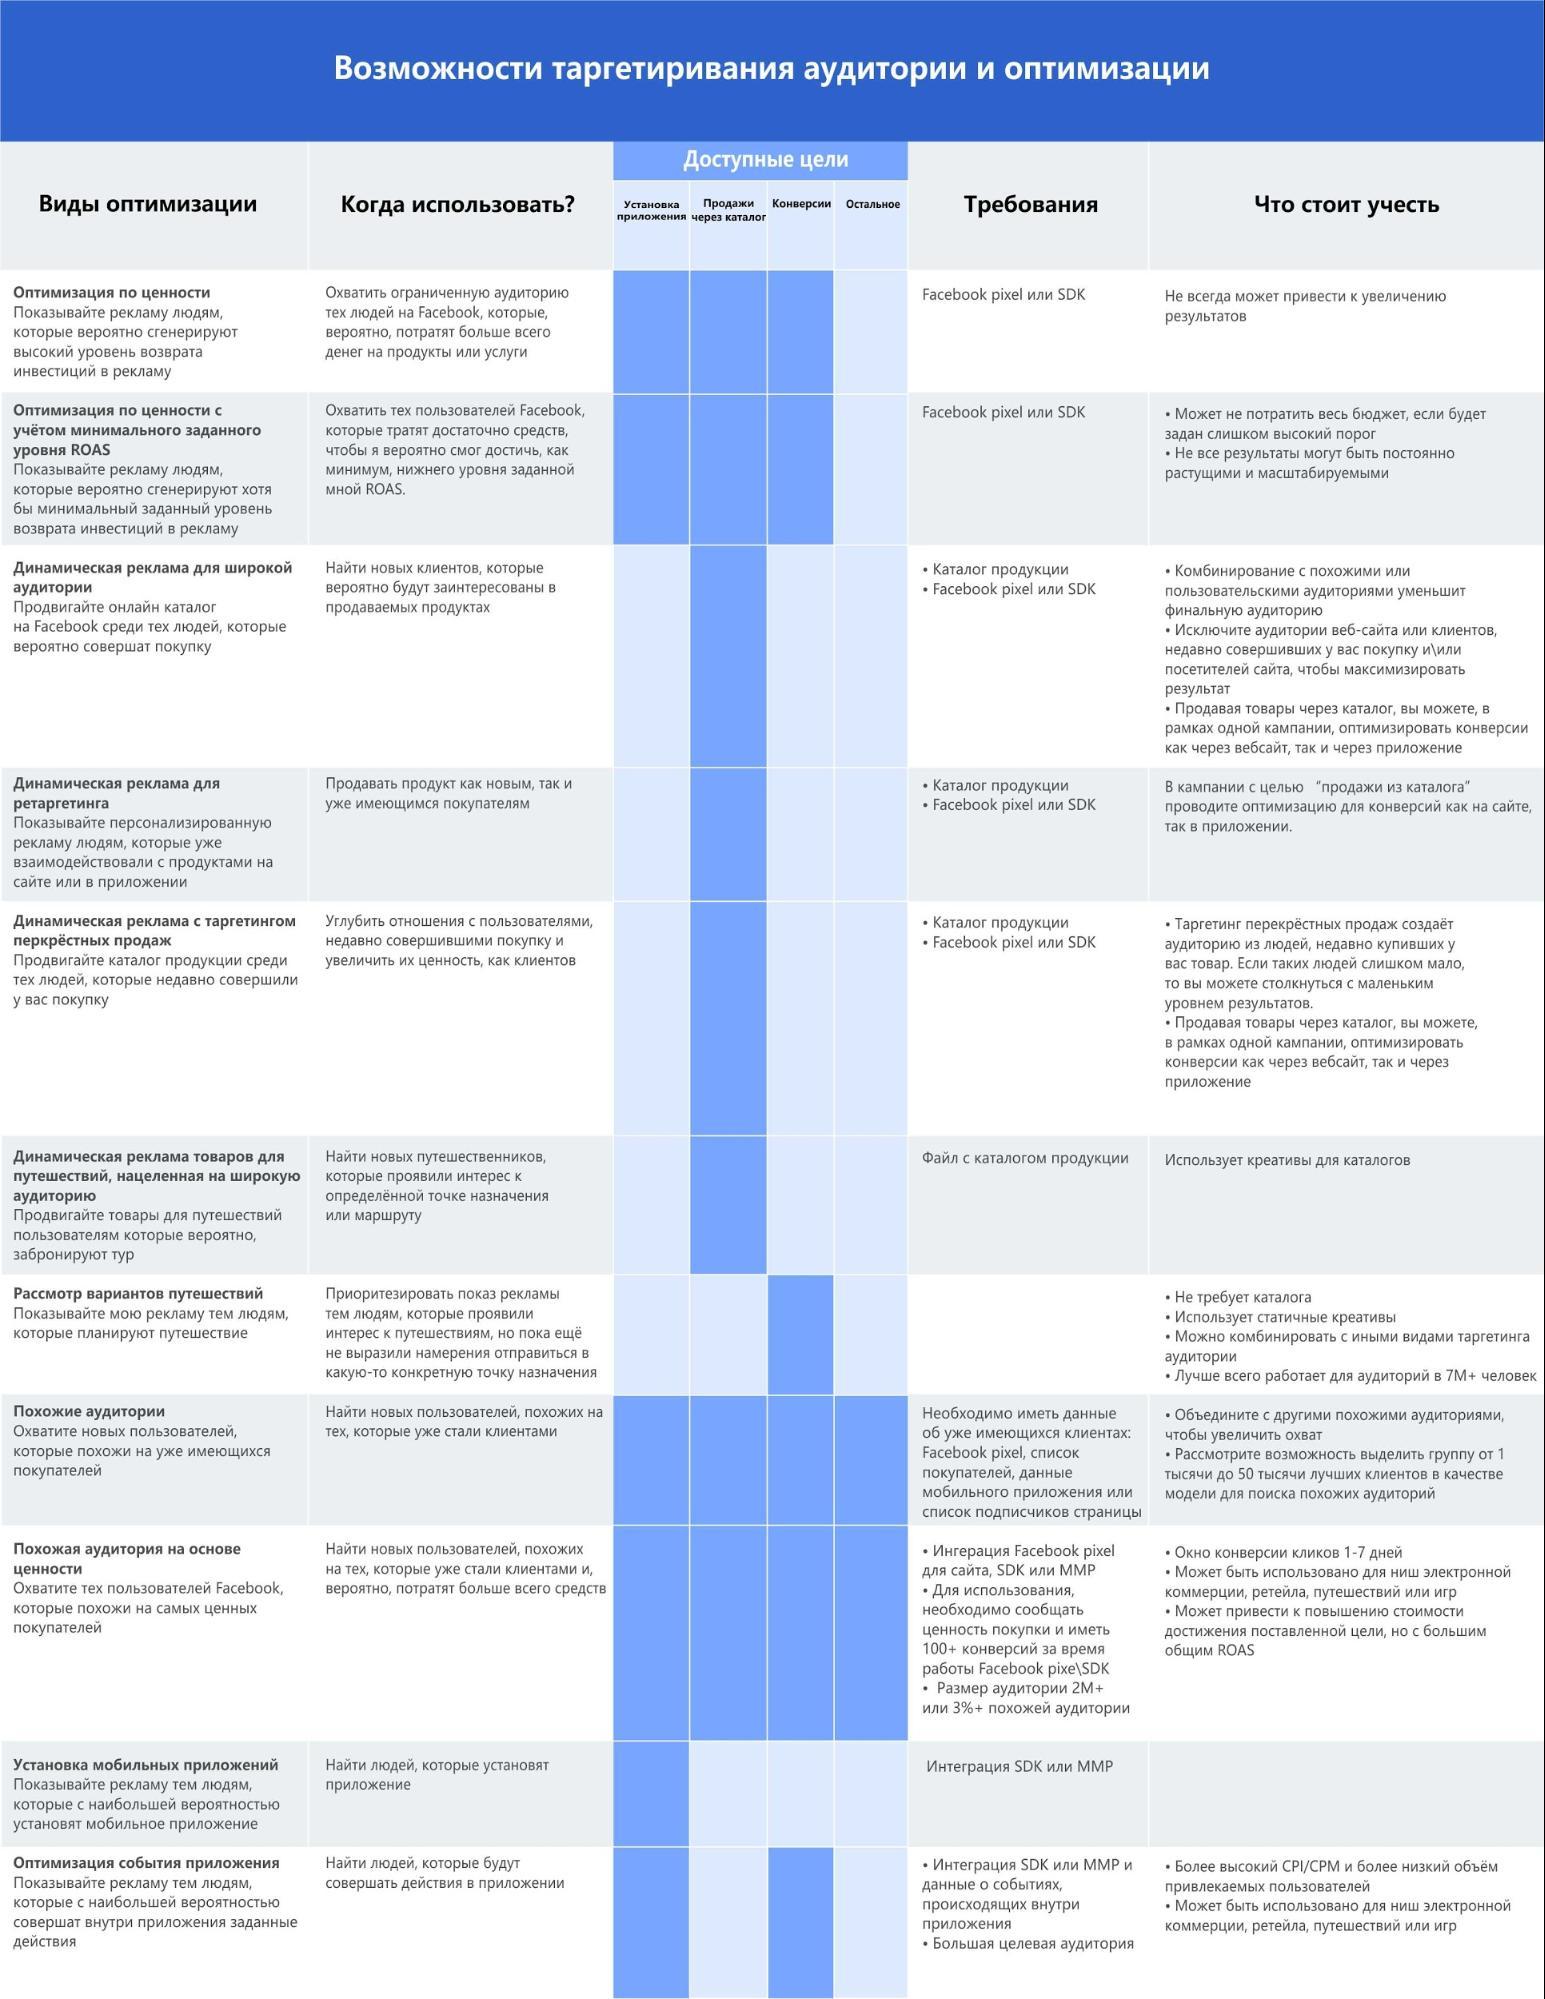 Возможности таргетирования и оптимизации рекламы в Facebook